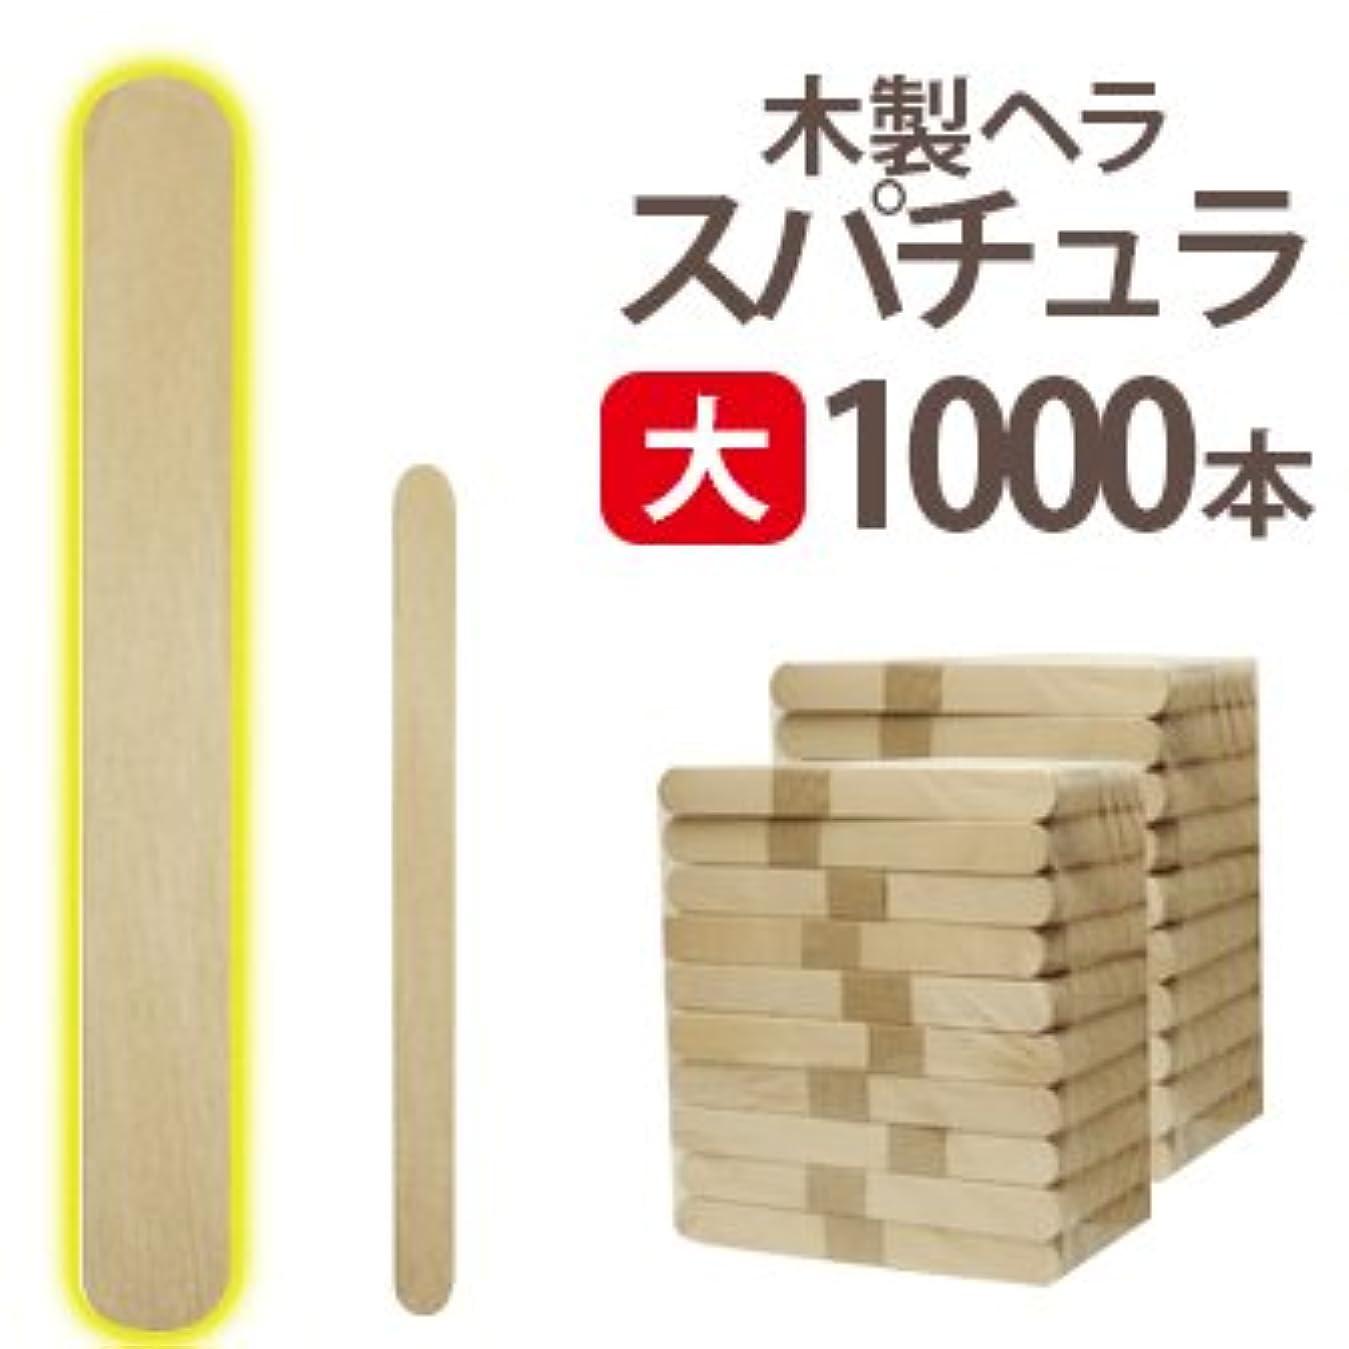 悪性ローストペニー大 ブラジリアンワックス 業務用1000本 スパチュラ Aタイプ(個別梱包なし 150×16)